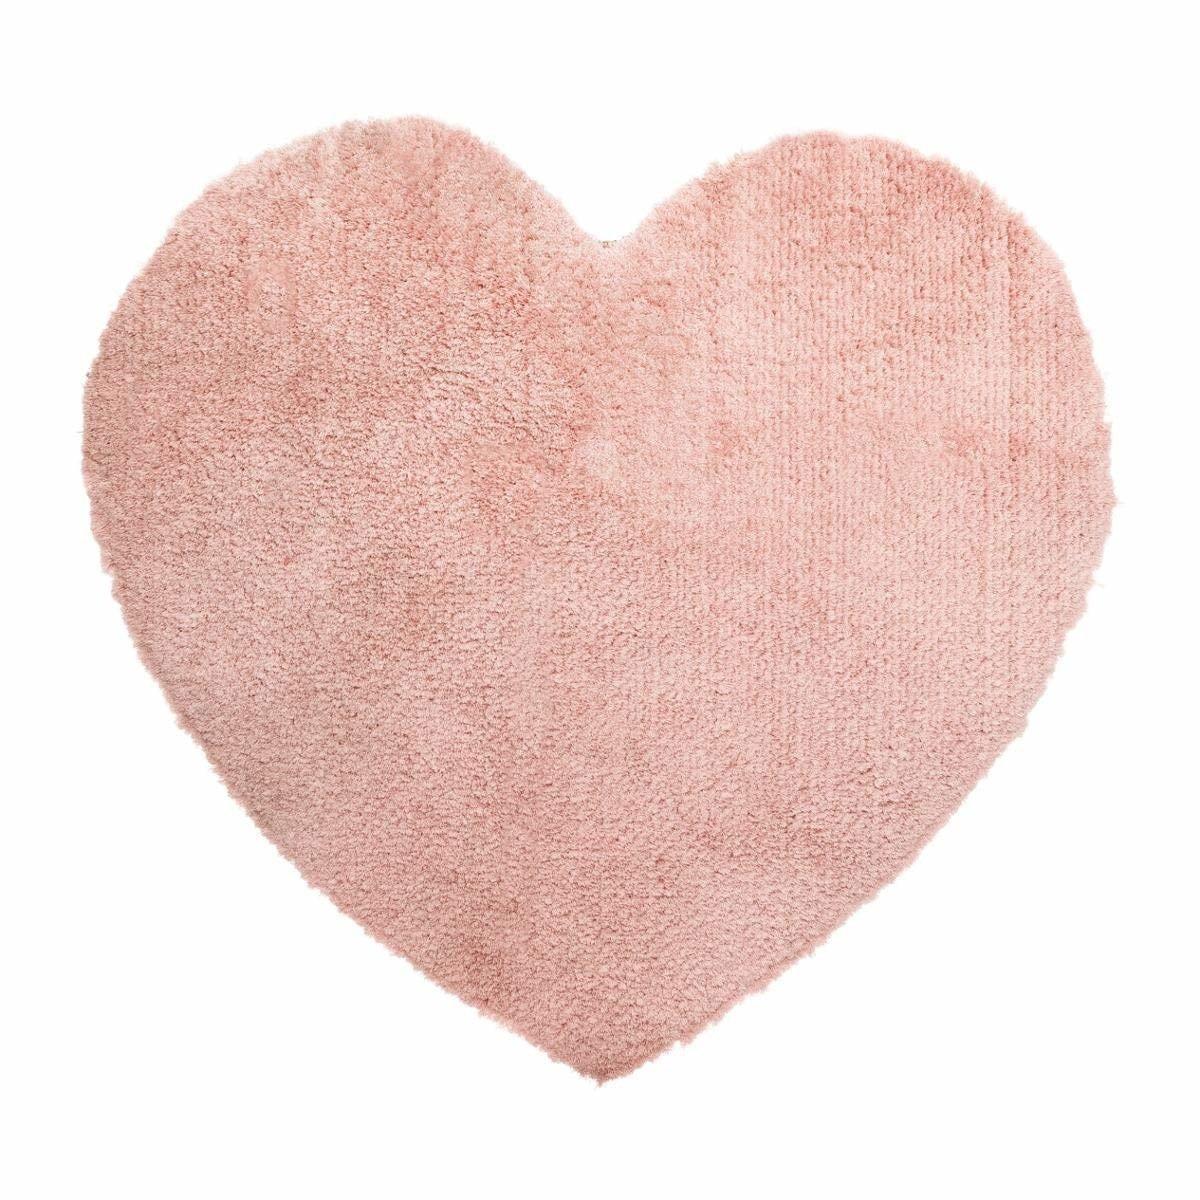 Atmosphera Dekorativní polštář se srdcem, 80 x 74 cm, růžový